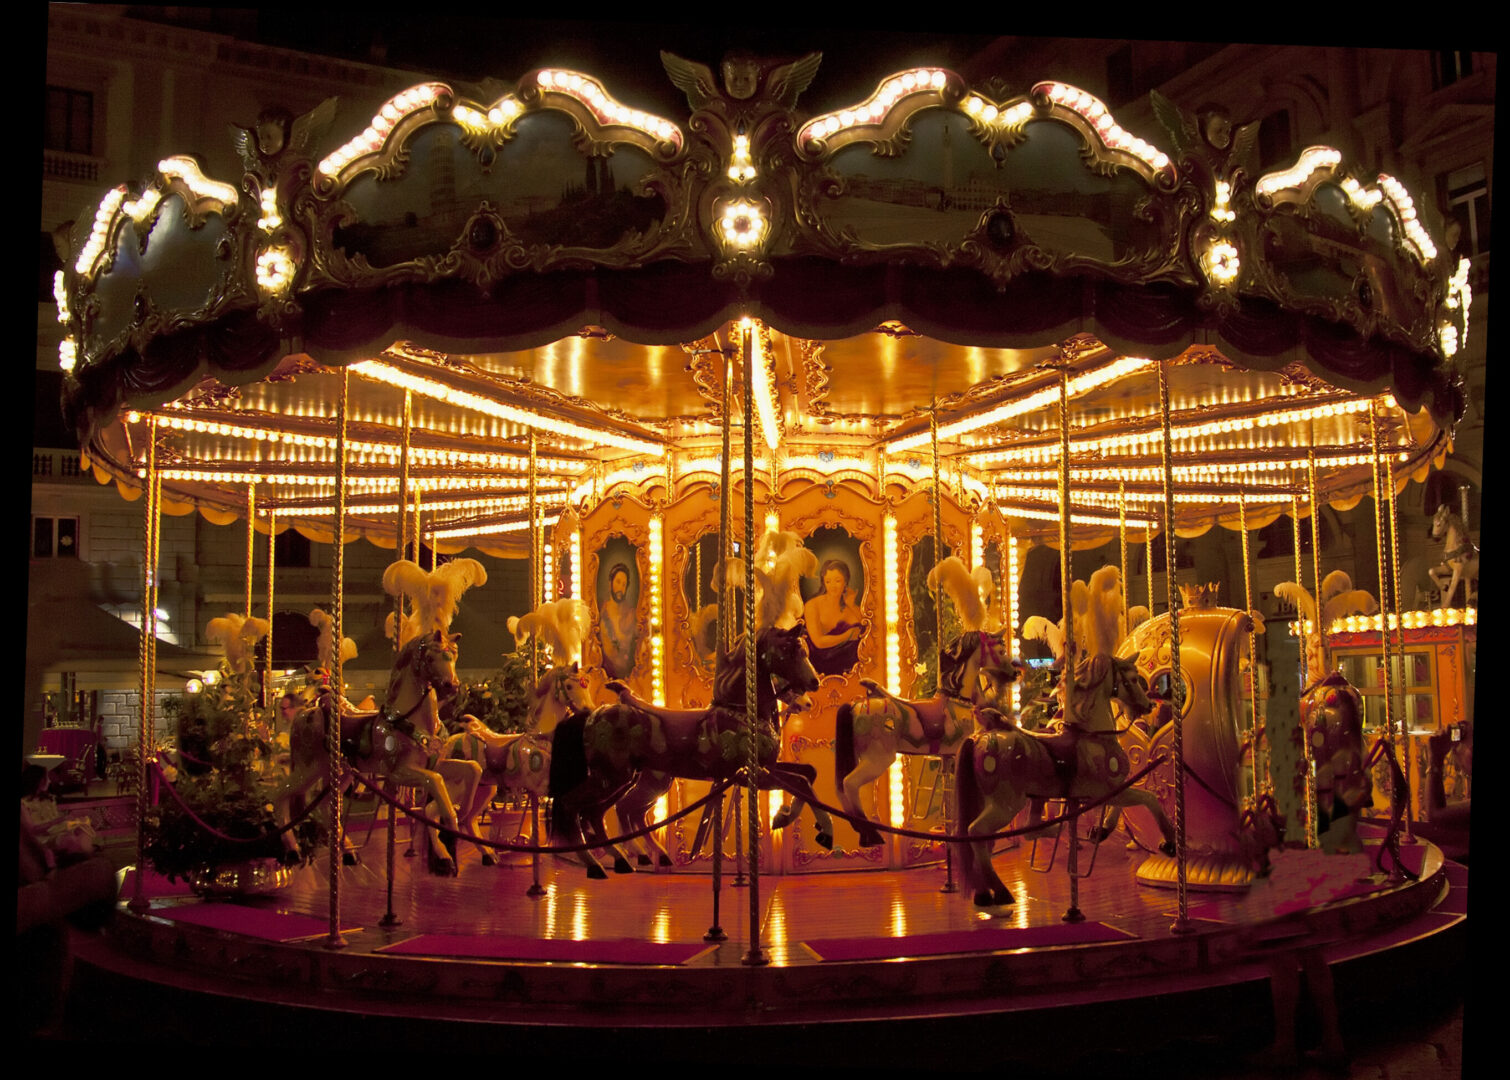 lit carousel at night